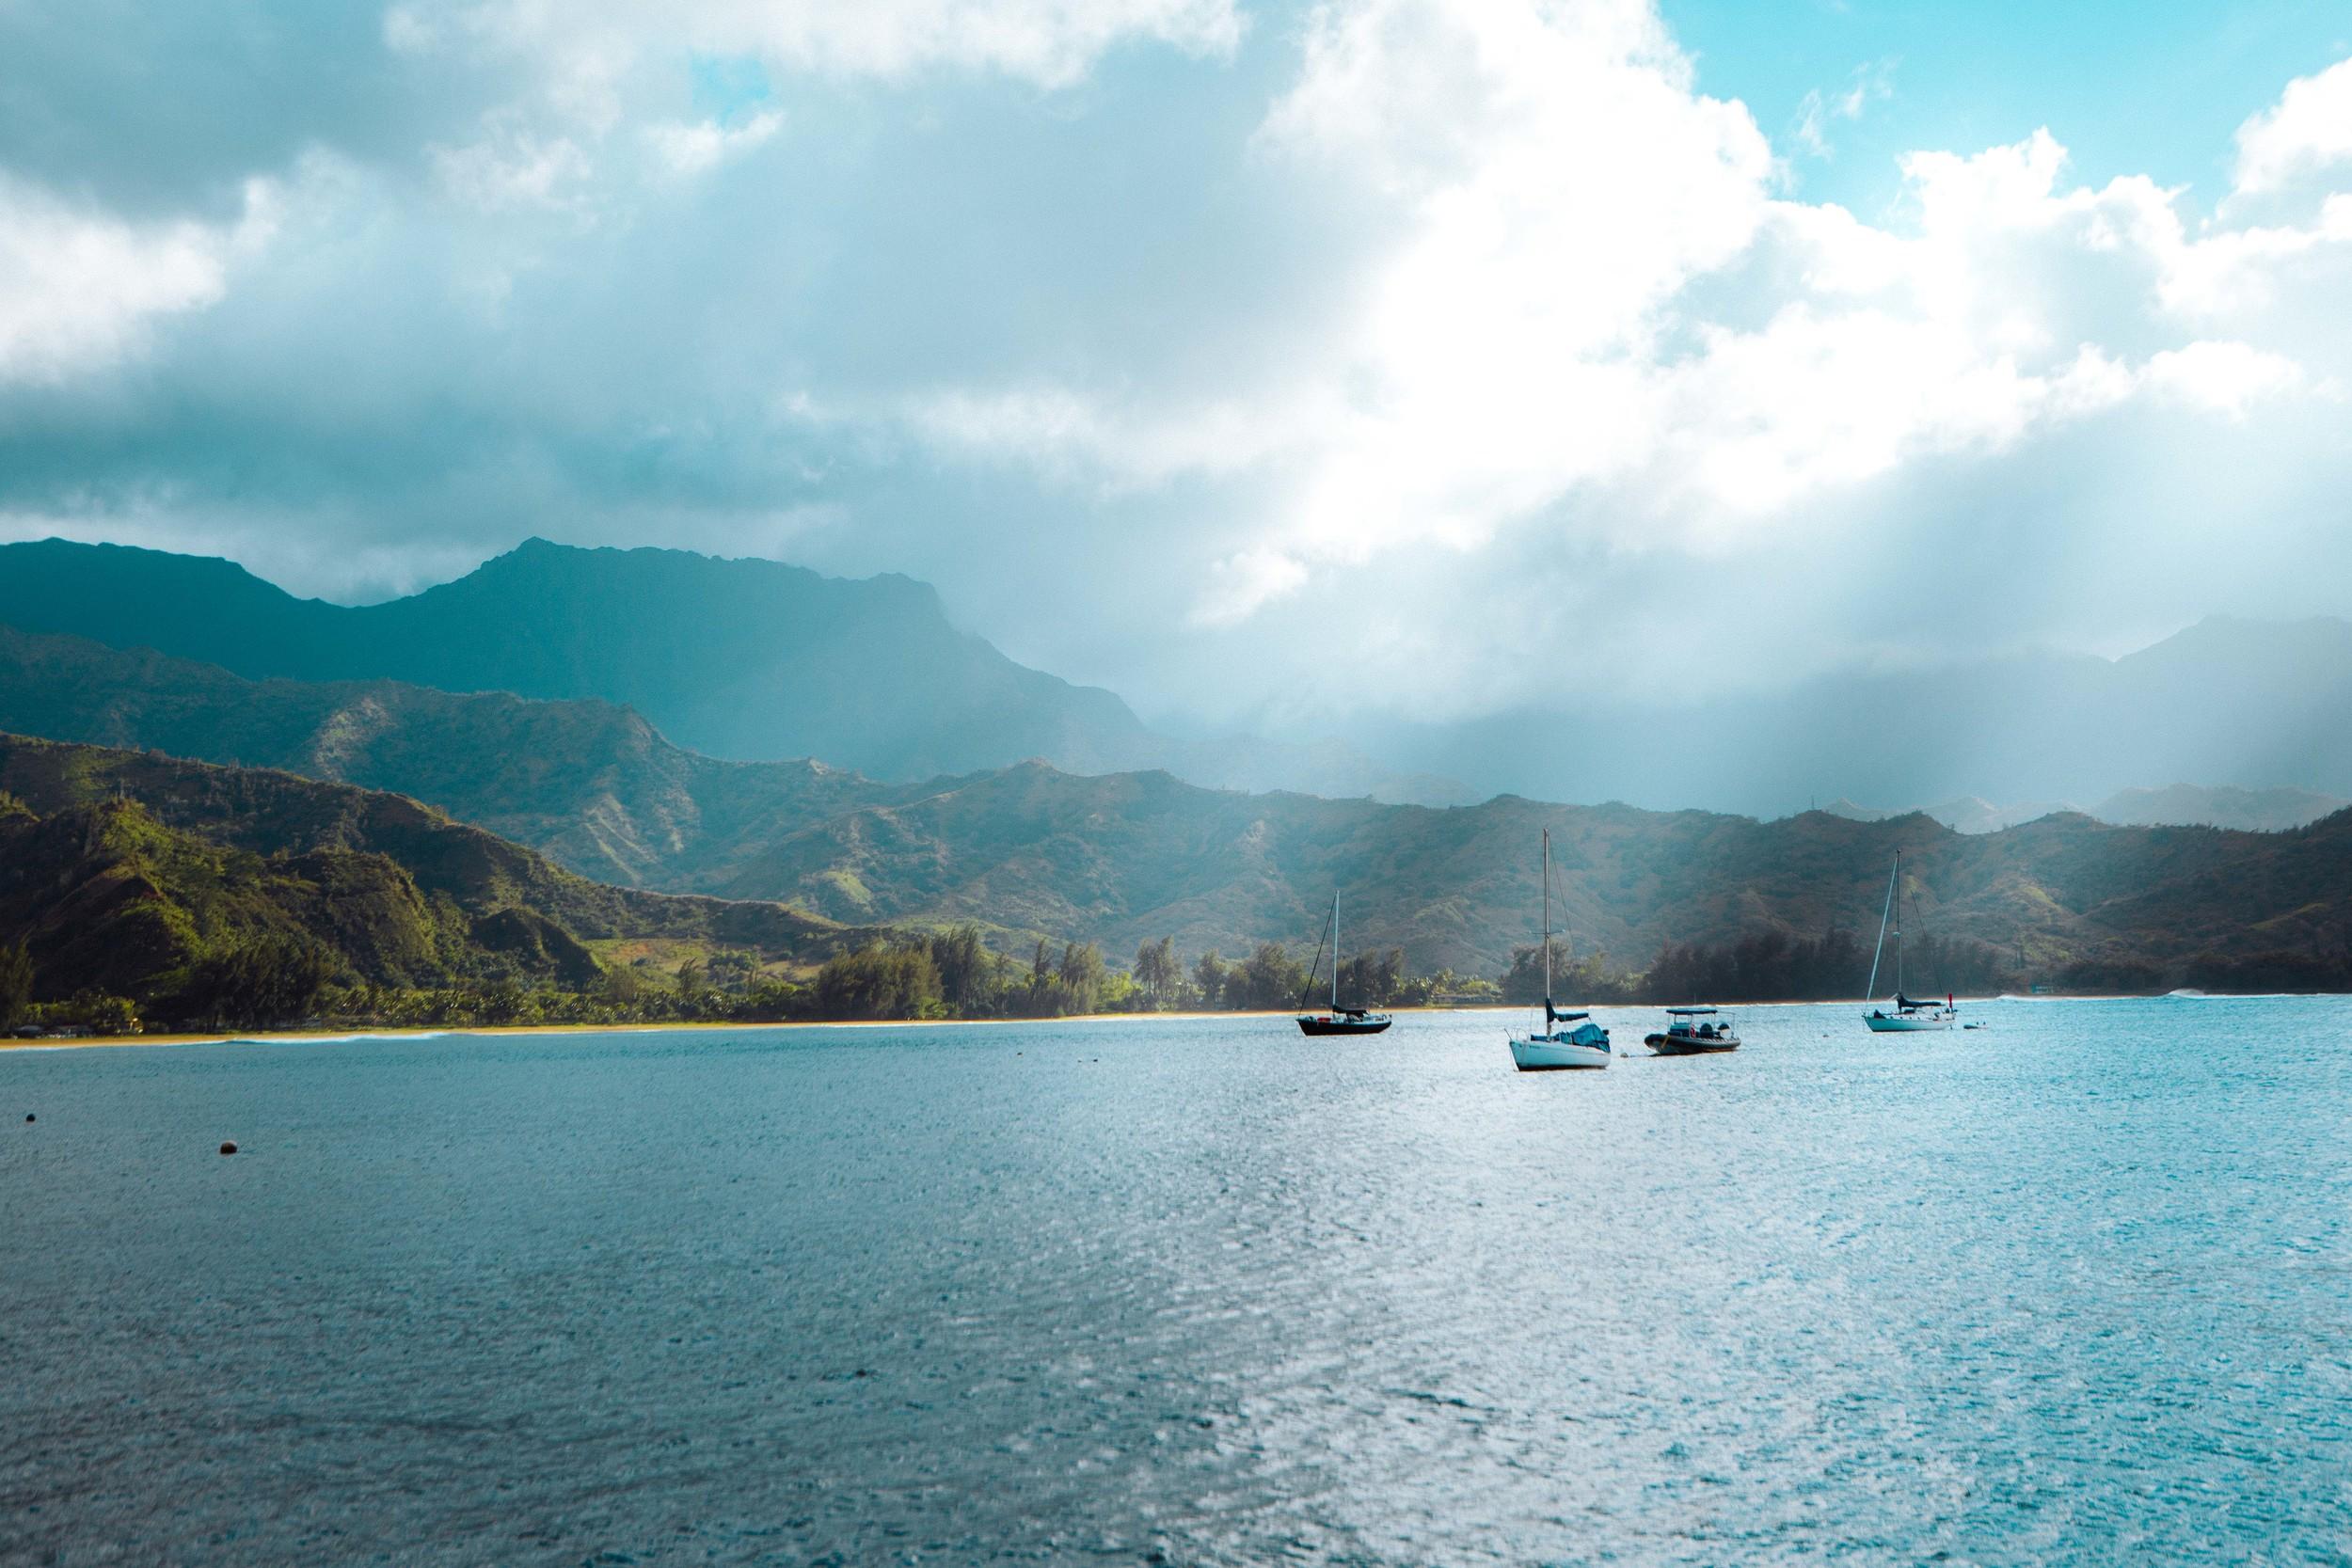 kauai_day4-176-2.jpg